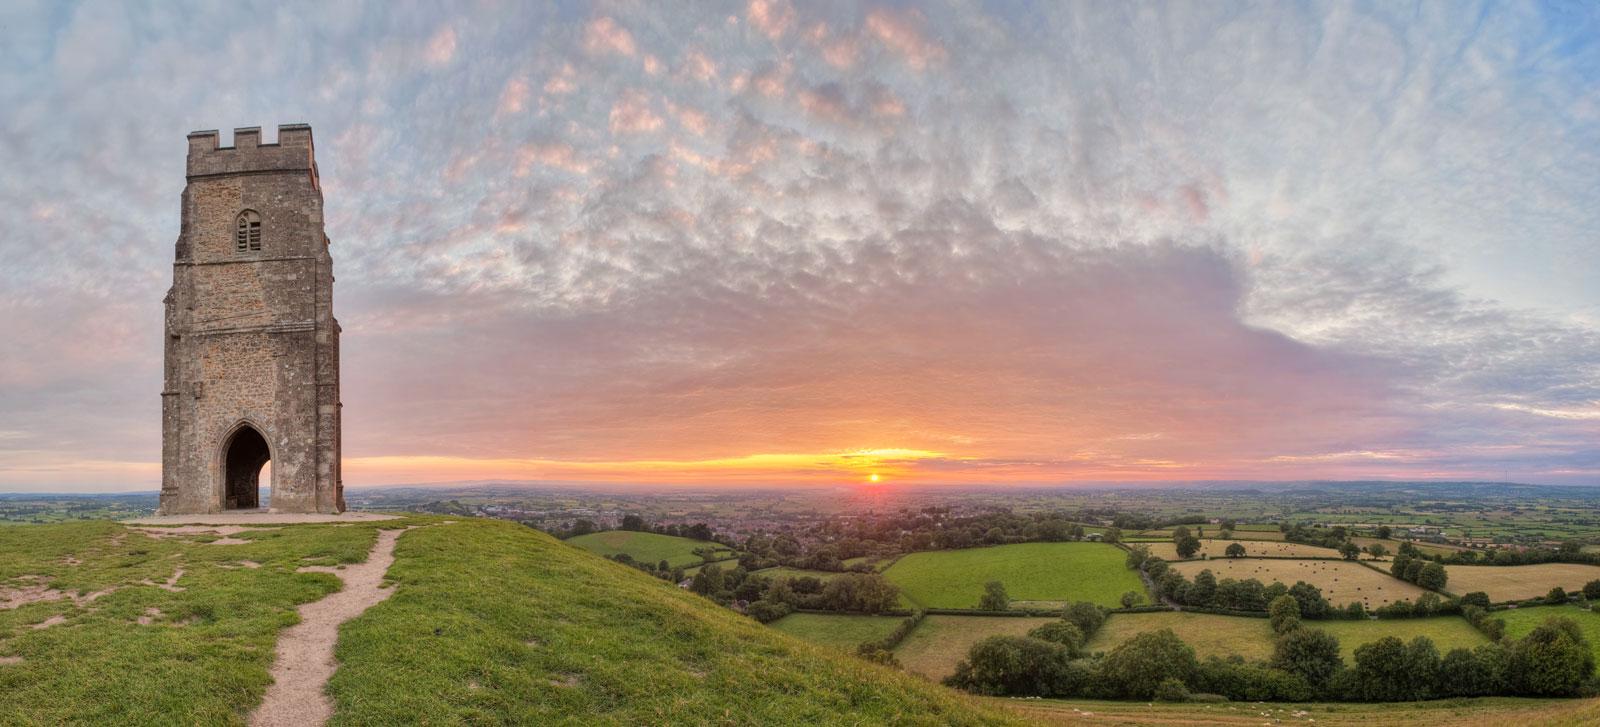 Glastonbury Tor Sunset Panorama